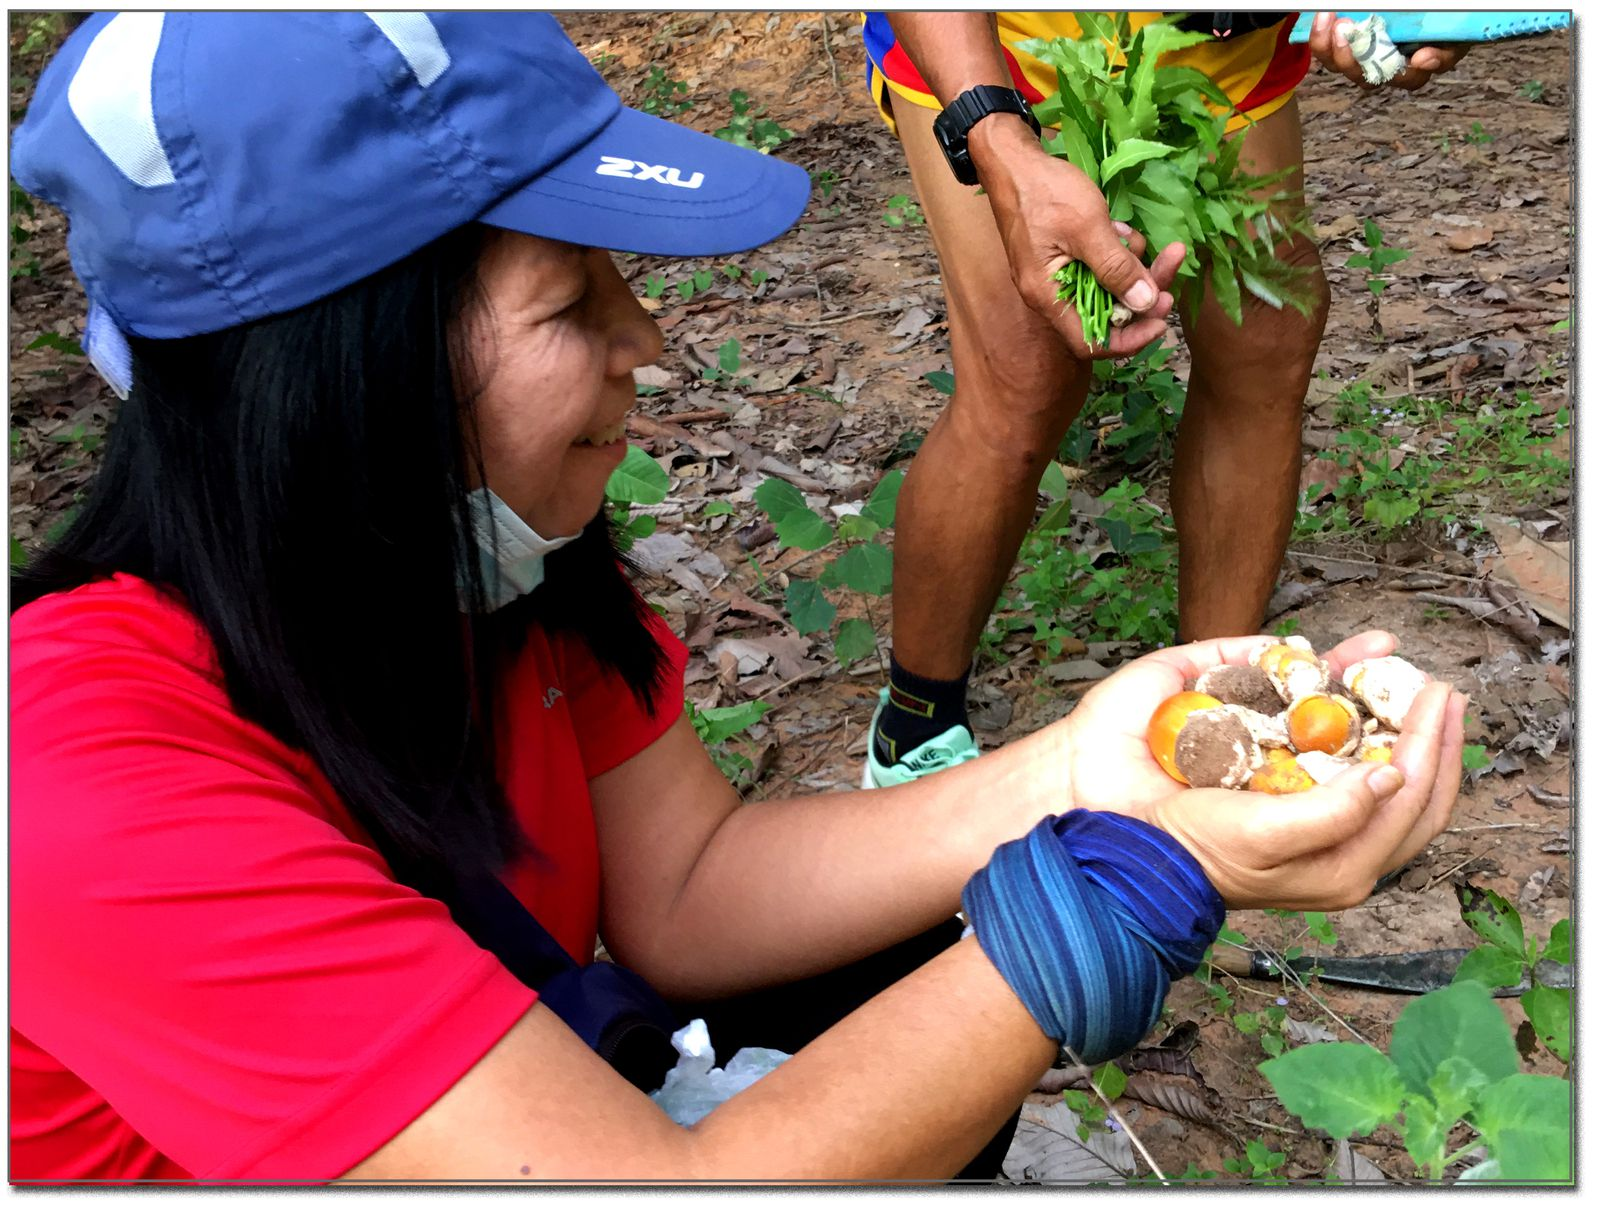 Cueillette de champignons (Thaïlande)